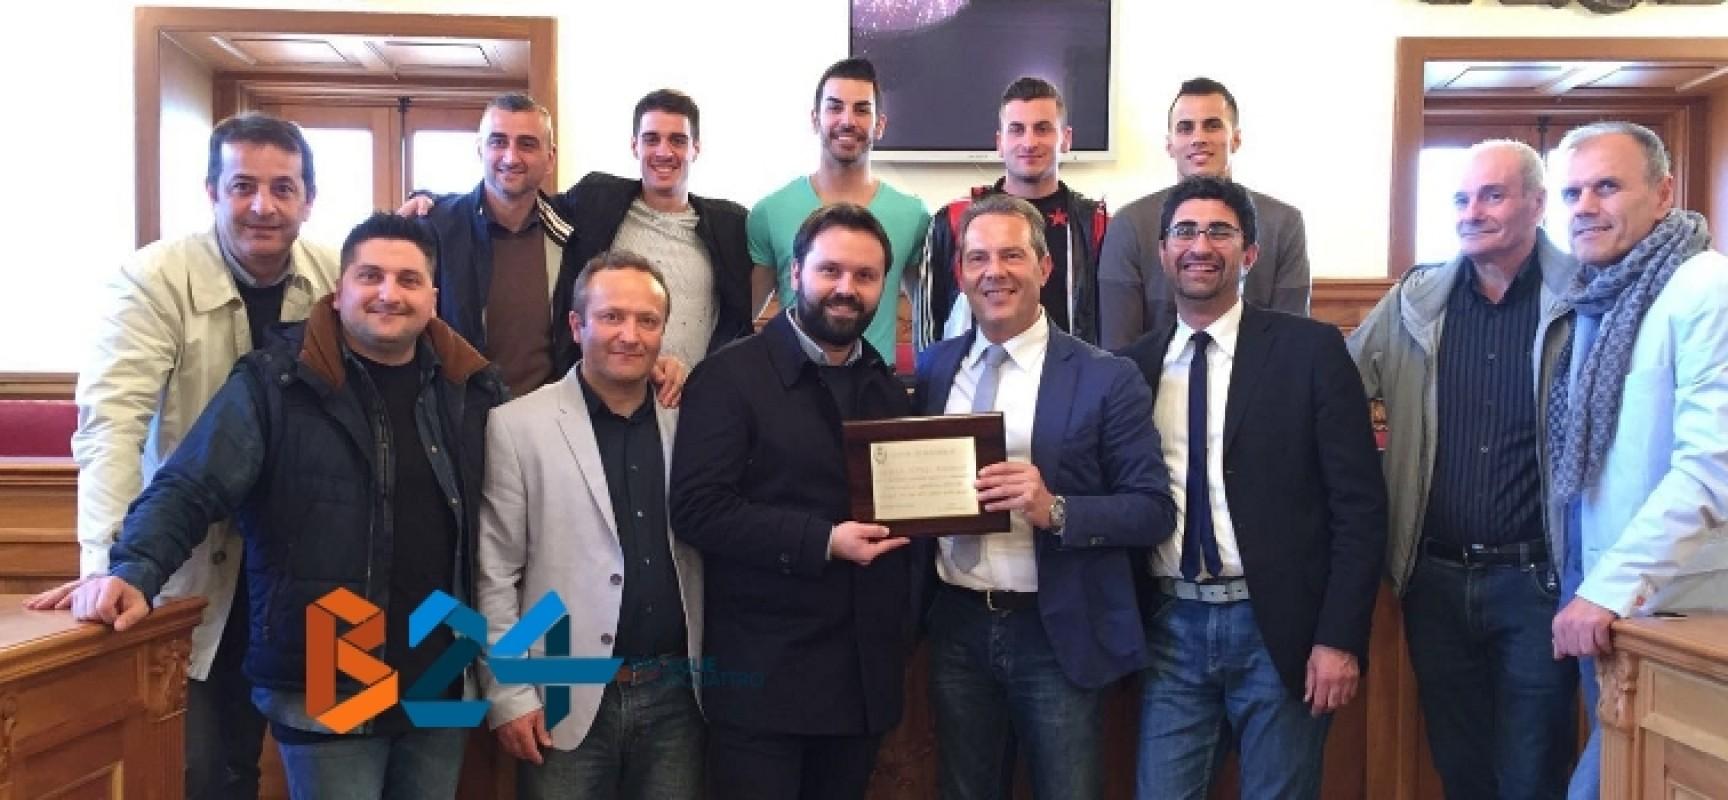 L'amministrazione comunale omaggia la grande stagione del Futsal Bisceglie